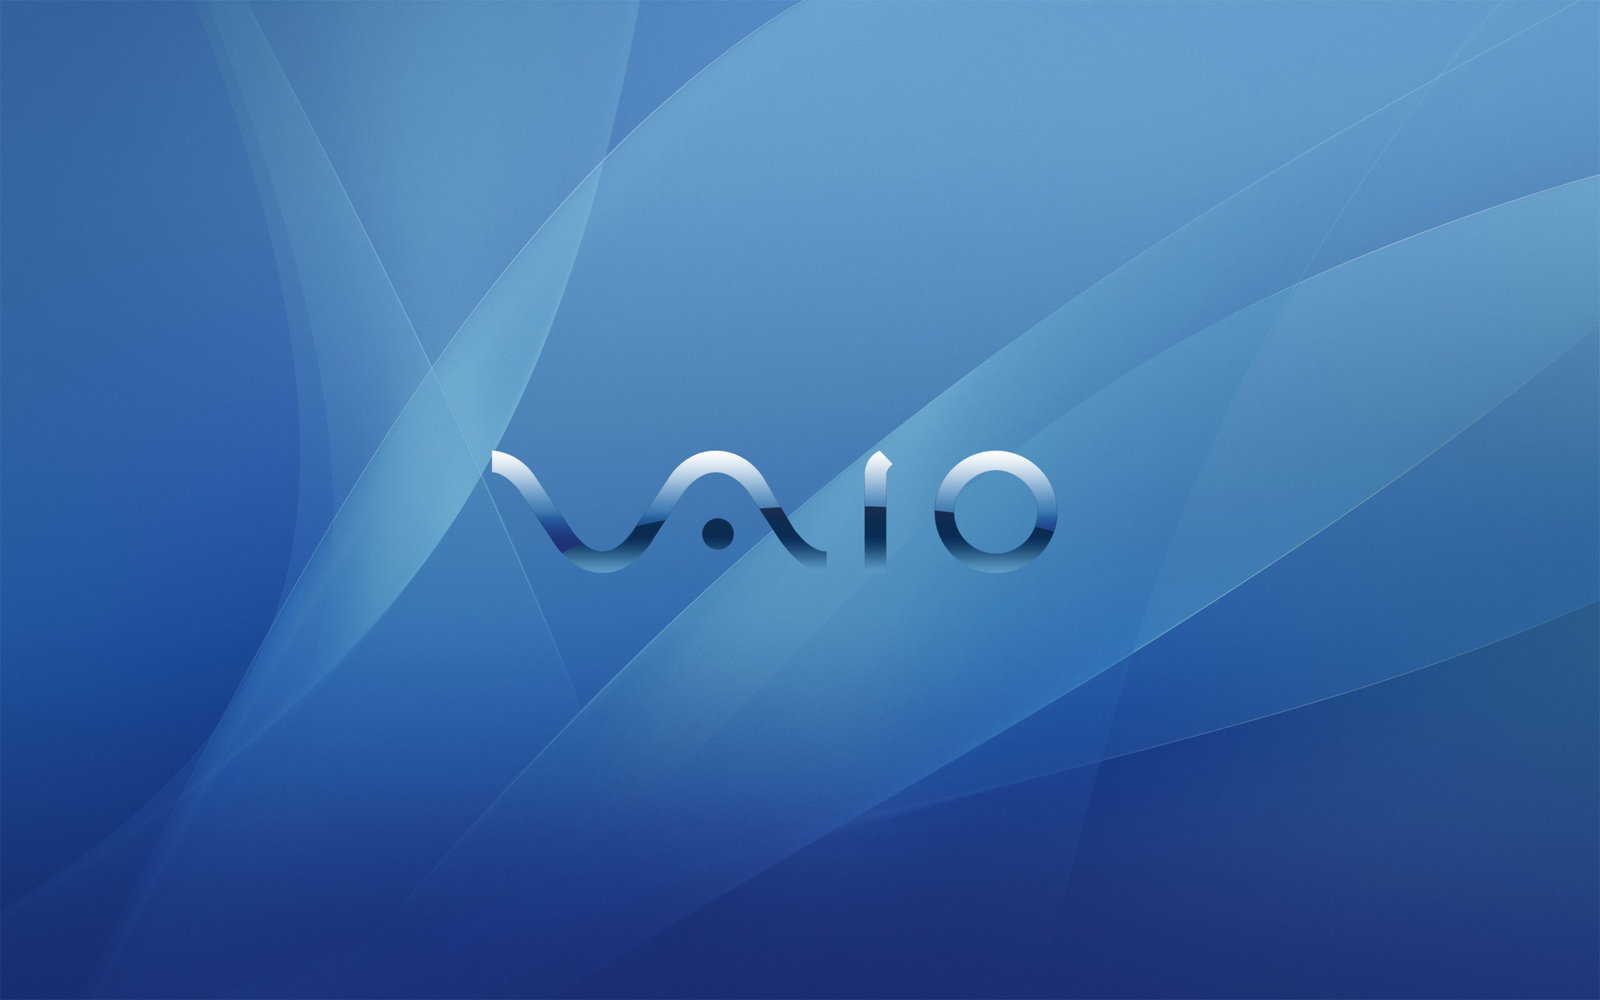 vaio wallpaper by ujkm 1600x1000